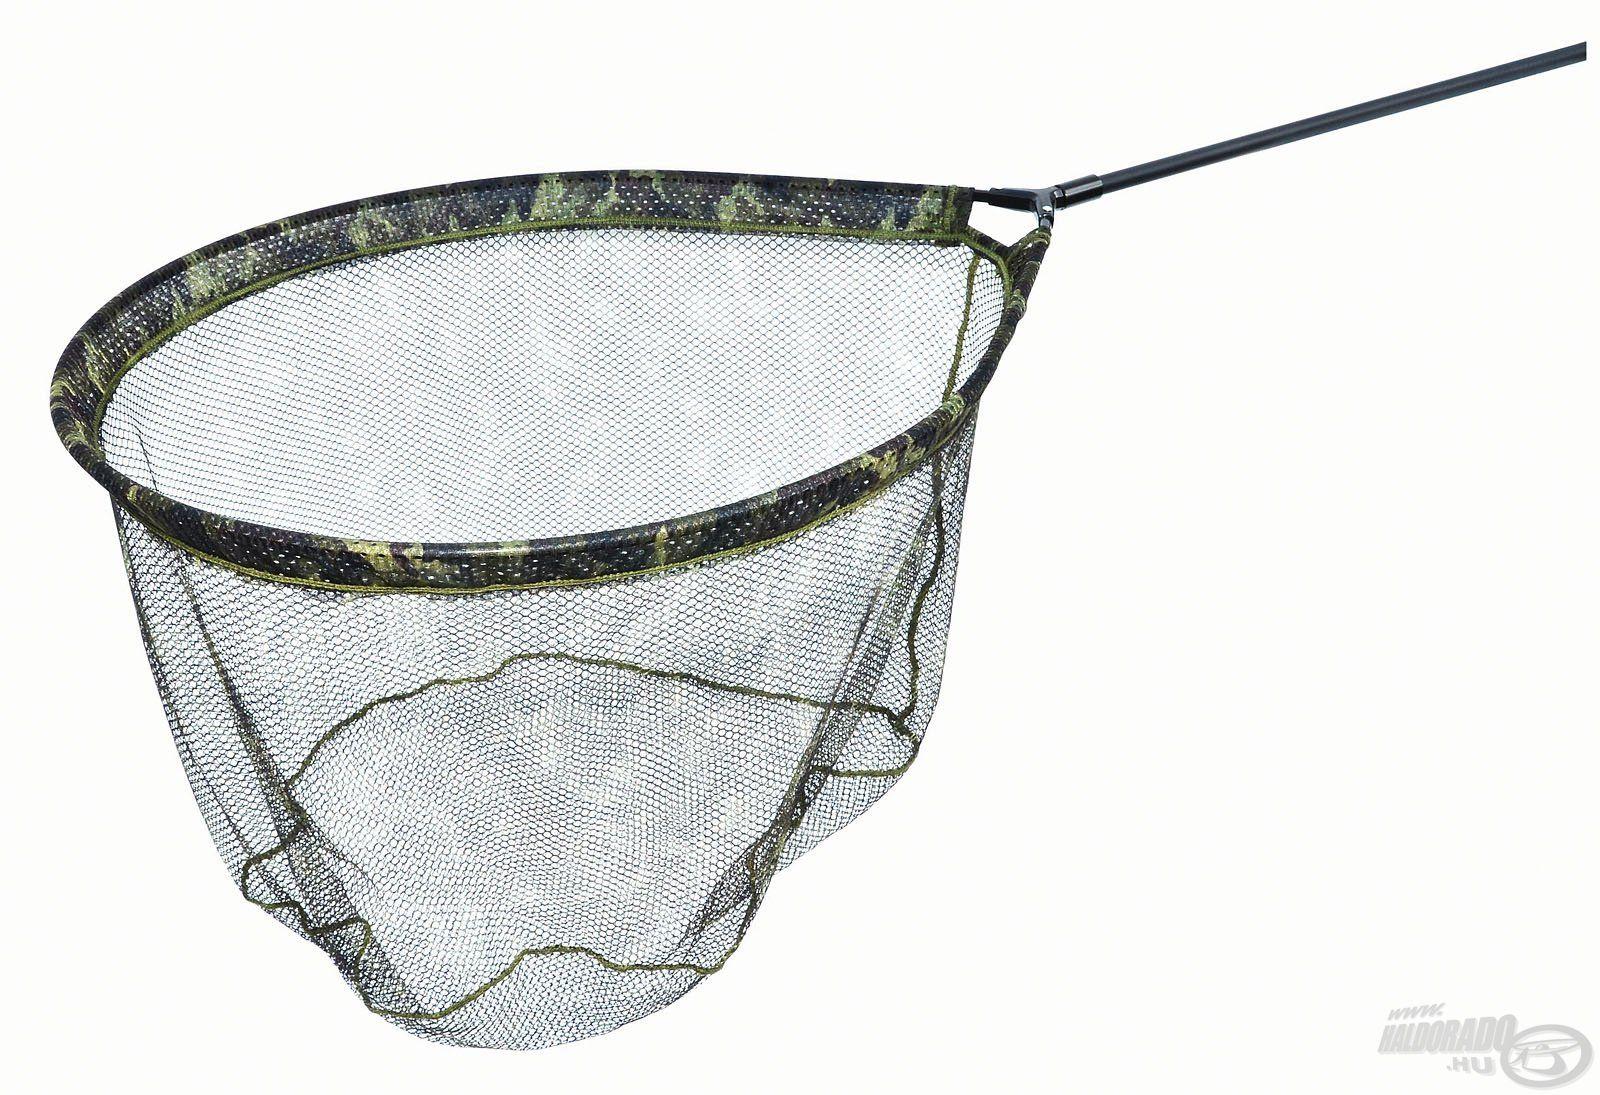 Kifejezetten egyedi, kiváló minőségű darab a merítő fejek között, ezt a típust elsősorban nagyhalas feederhorgászok figyelmébe ajánljuk!